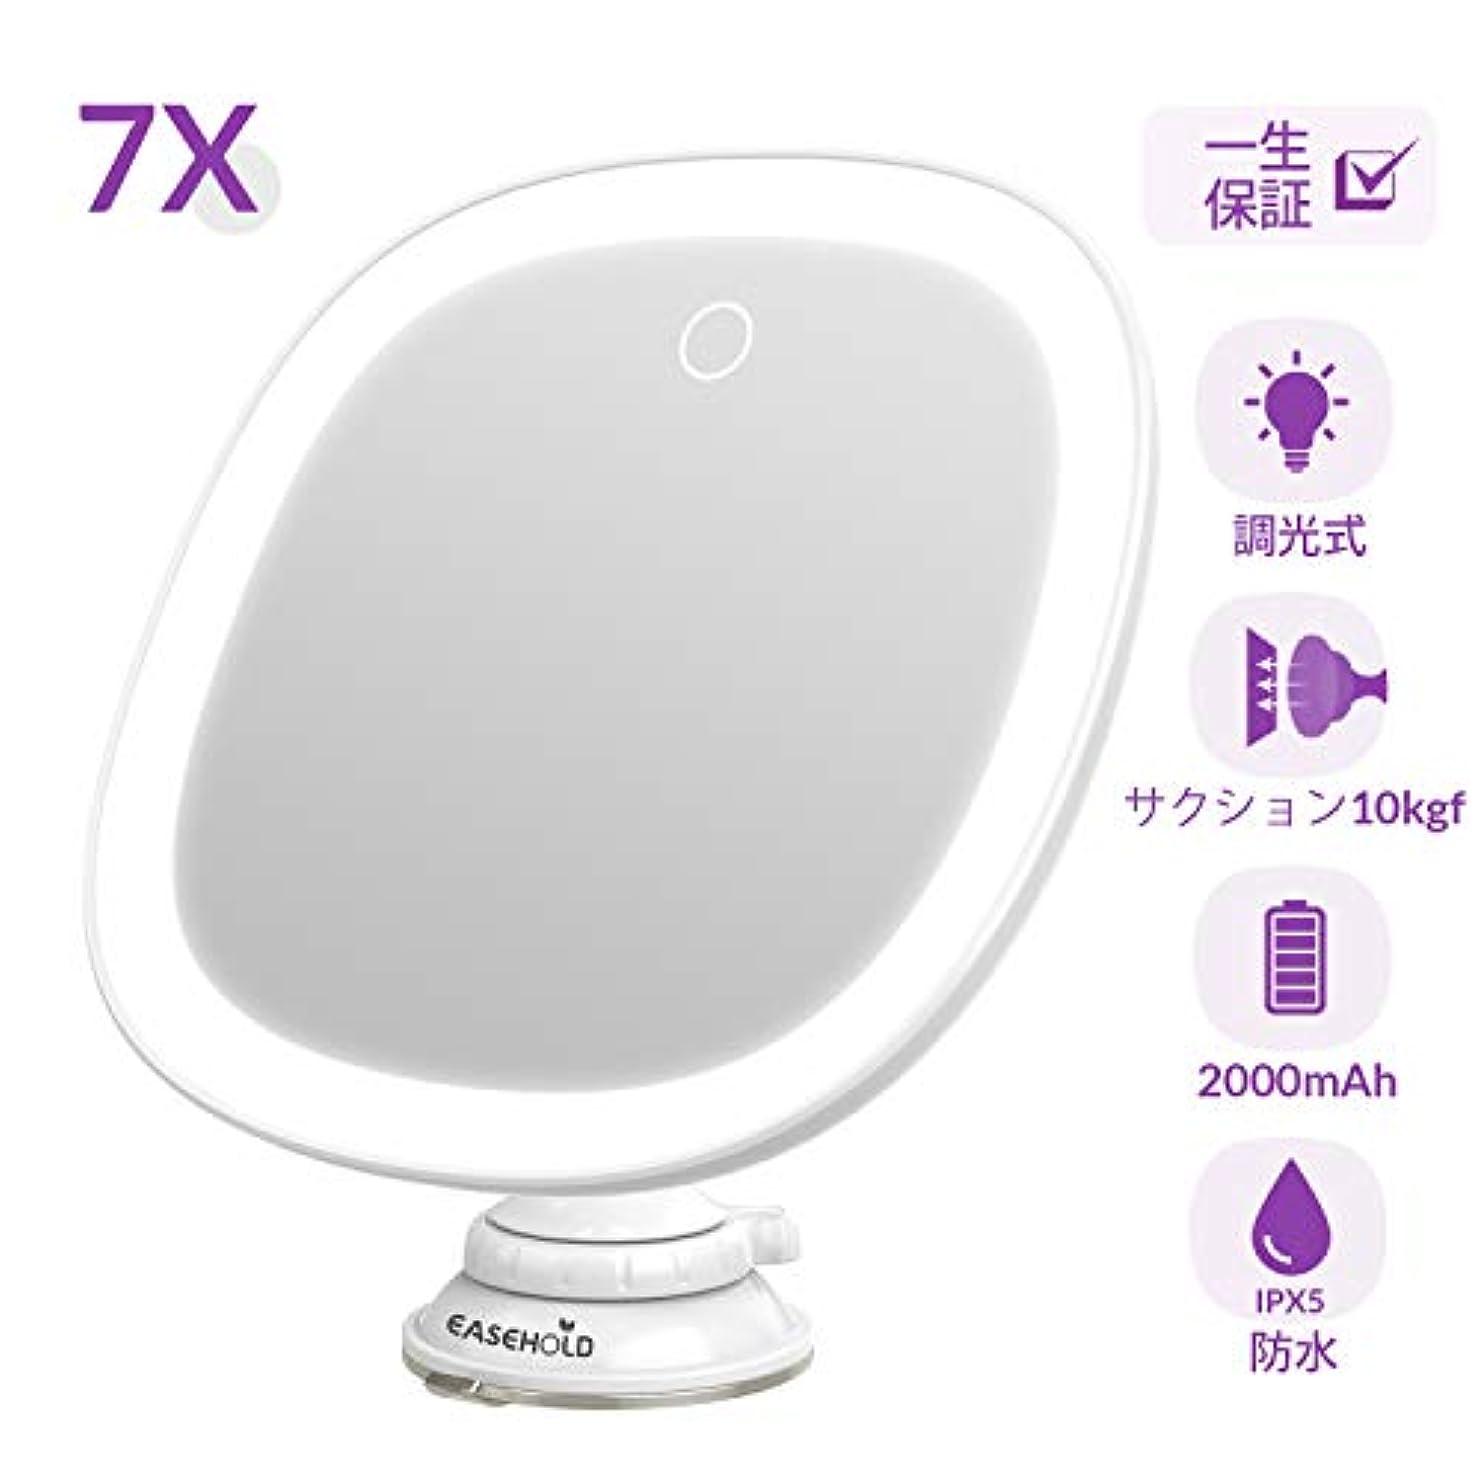 と返還第三Easehold 7倍拡大鏡 LED化粧鏡 浴室鏡 卓上鏡 吸盤ロック付きLEDミラー 壁掛けメイクミラー 360度回転スタンドミラー 明るさ調節可能 USB充電 IPX5防水